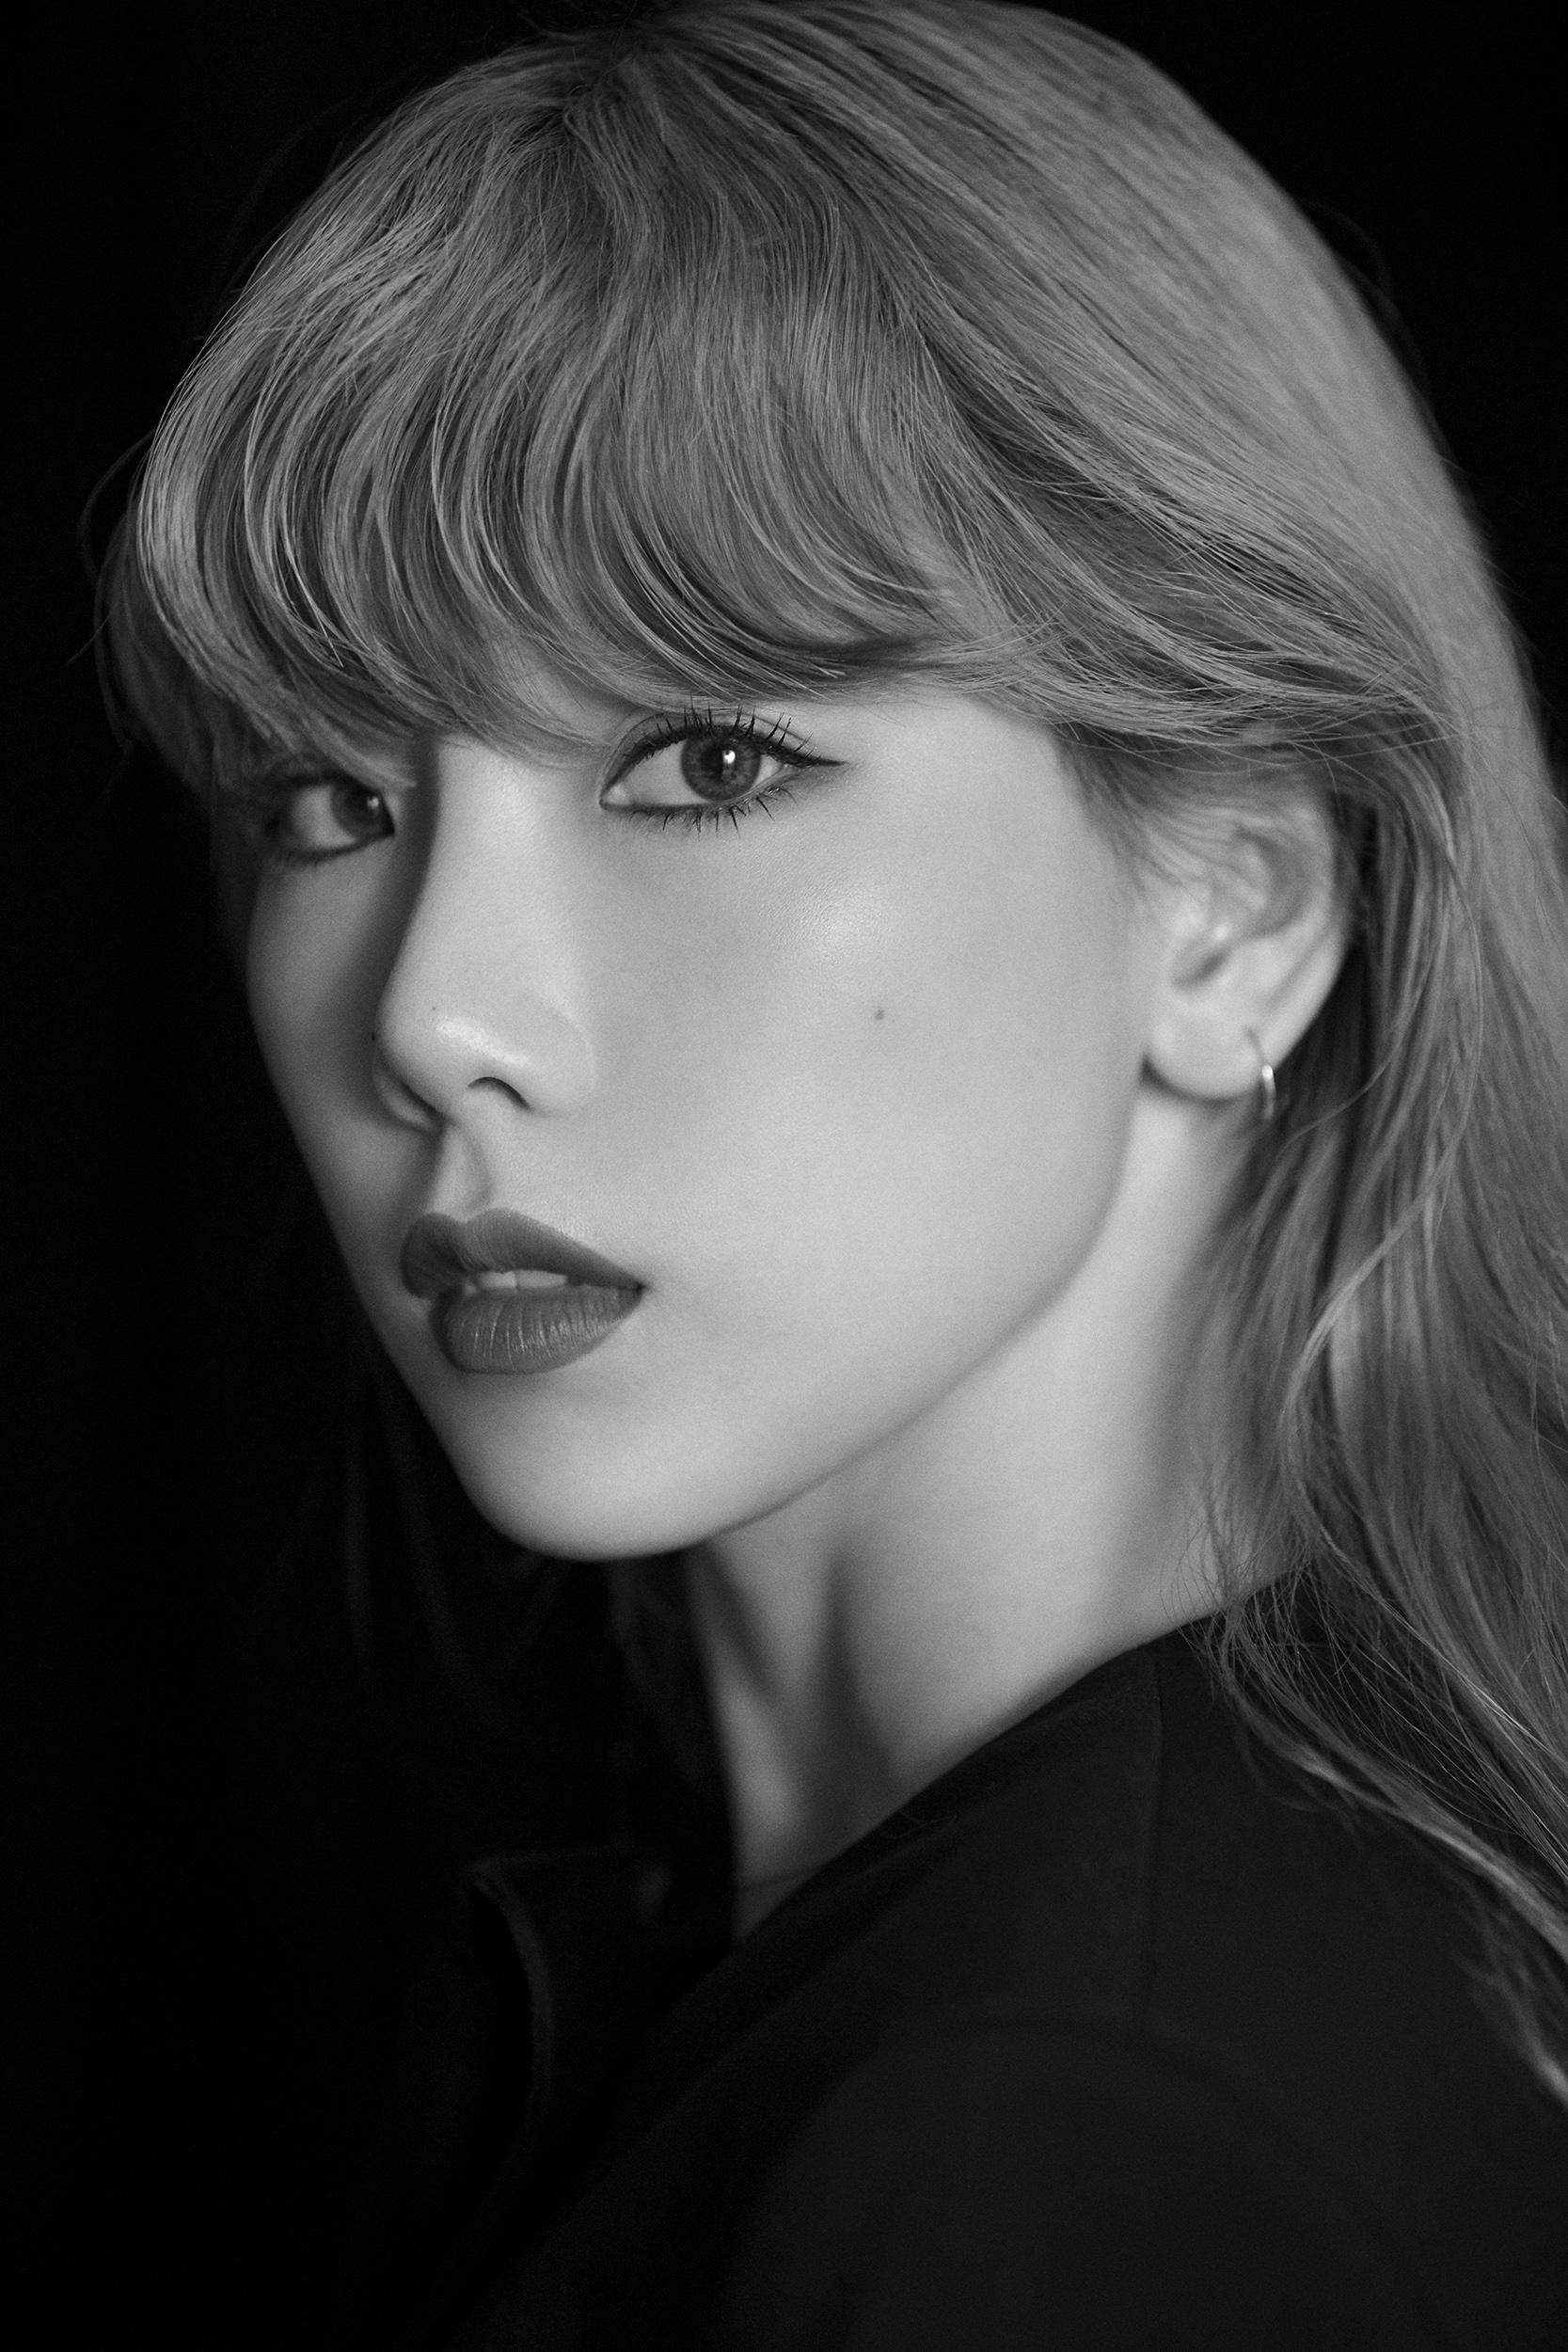 太妍正规2辑《Purpose》包揽多个音源榜单周榜一位_Spark